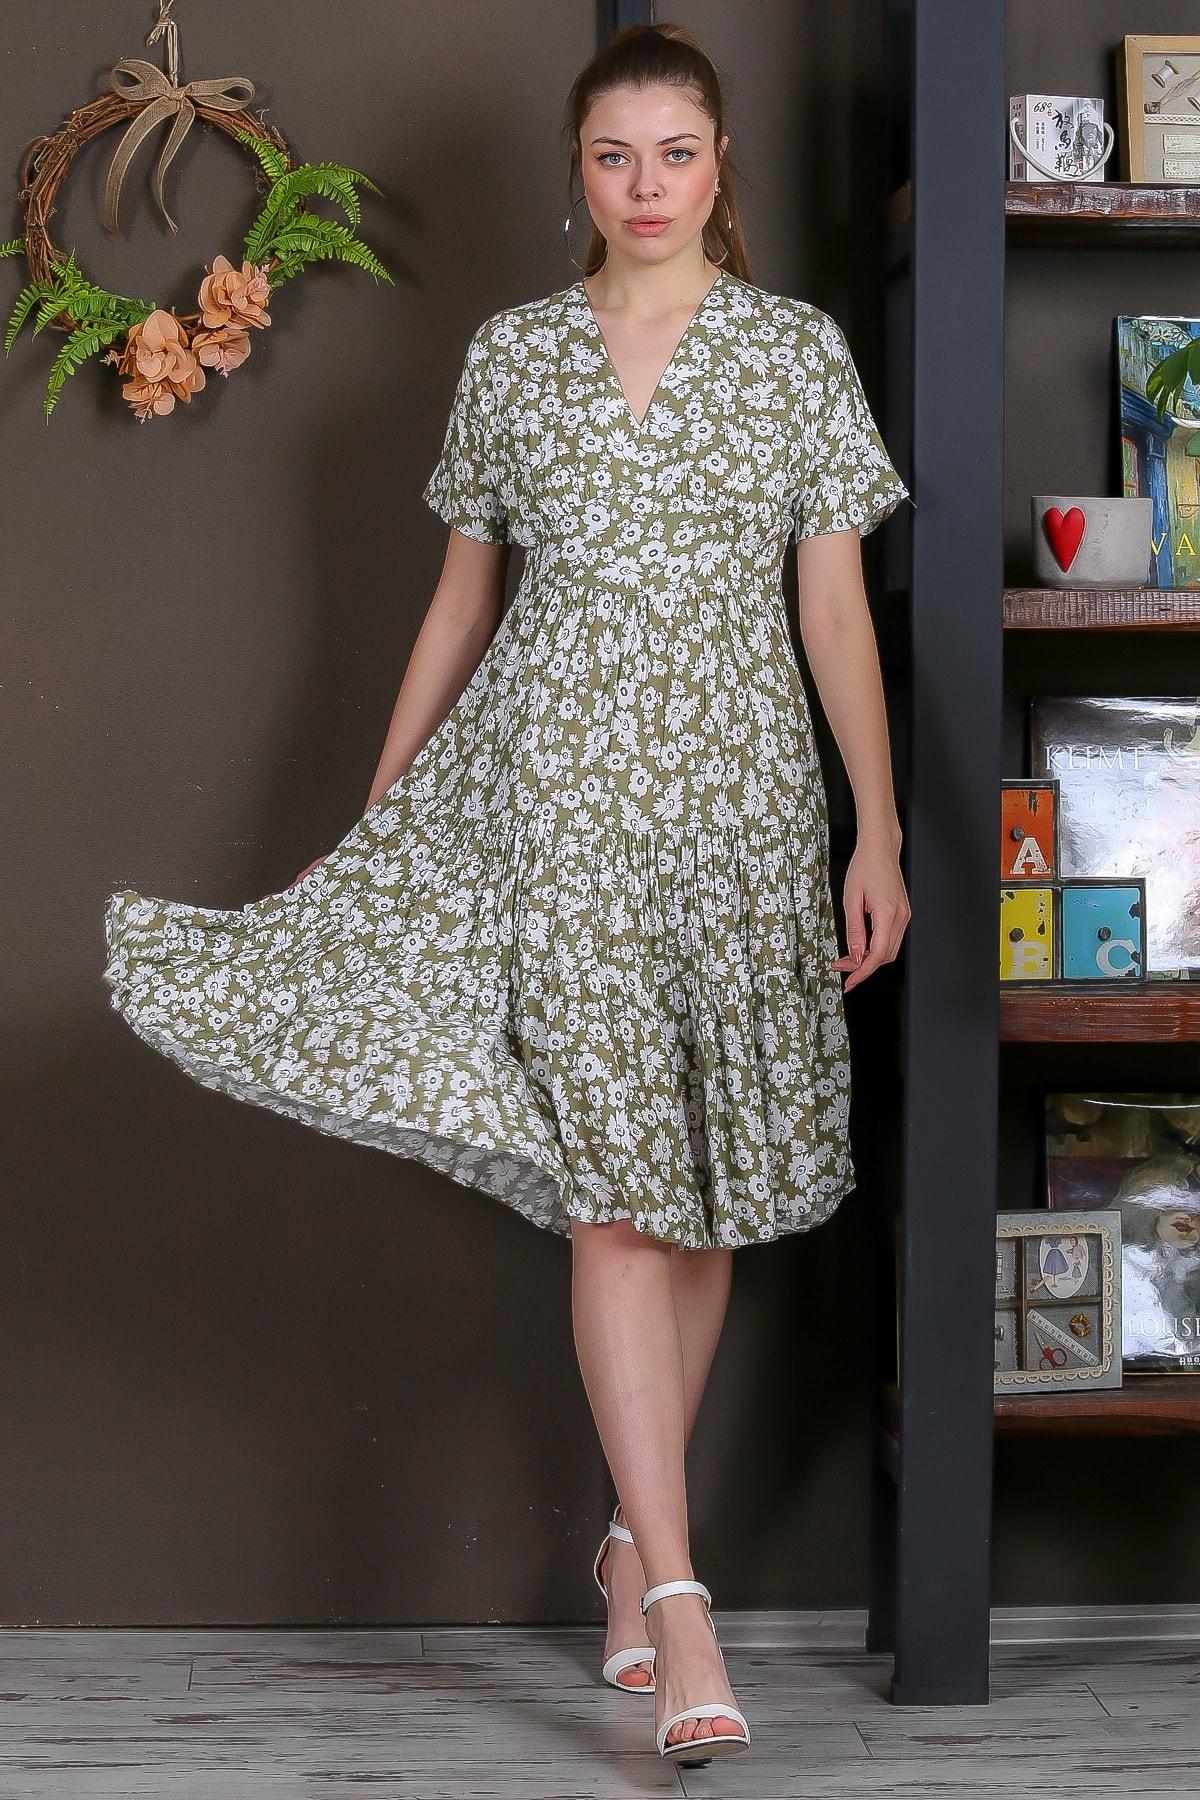 Chiccy Kadın Yeşil Düşük Kol V Yaka Fırfırlı Dokuma Midi Elbise M10160000EL95432 3